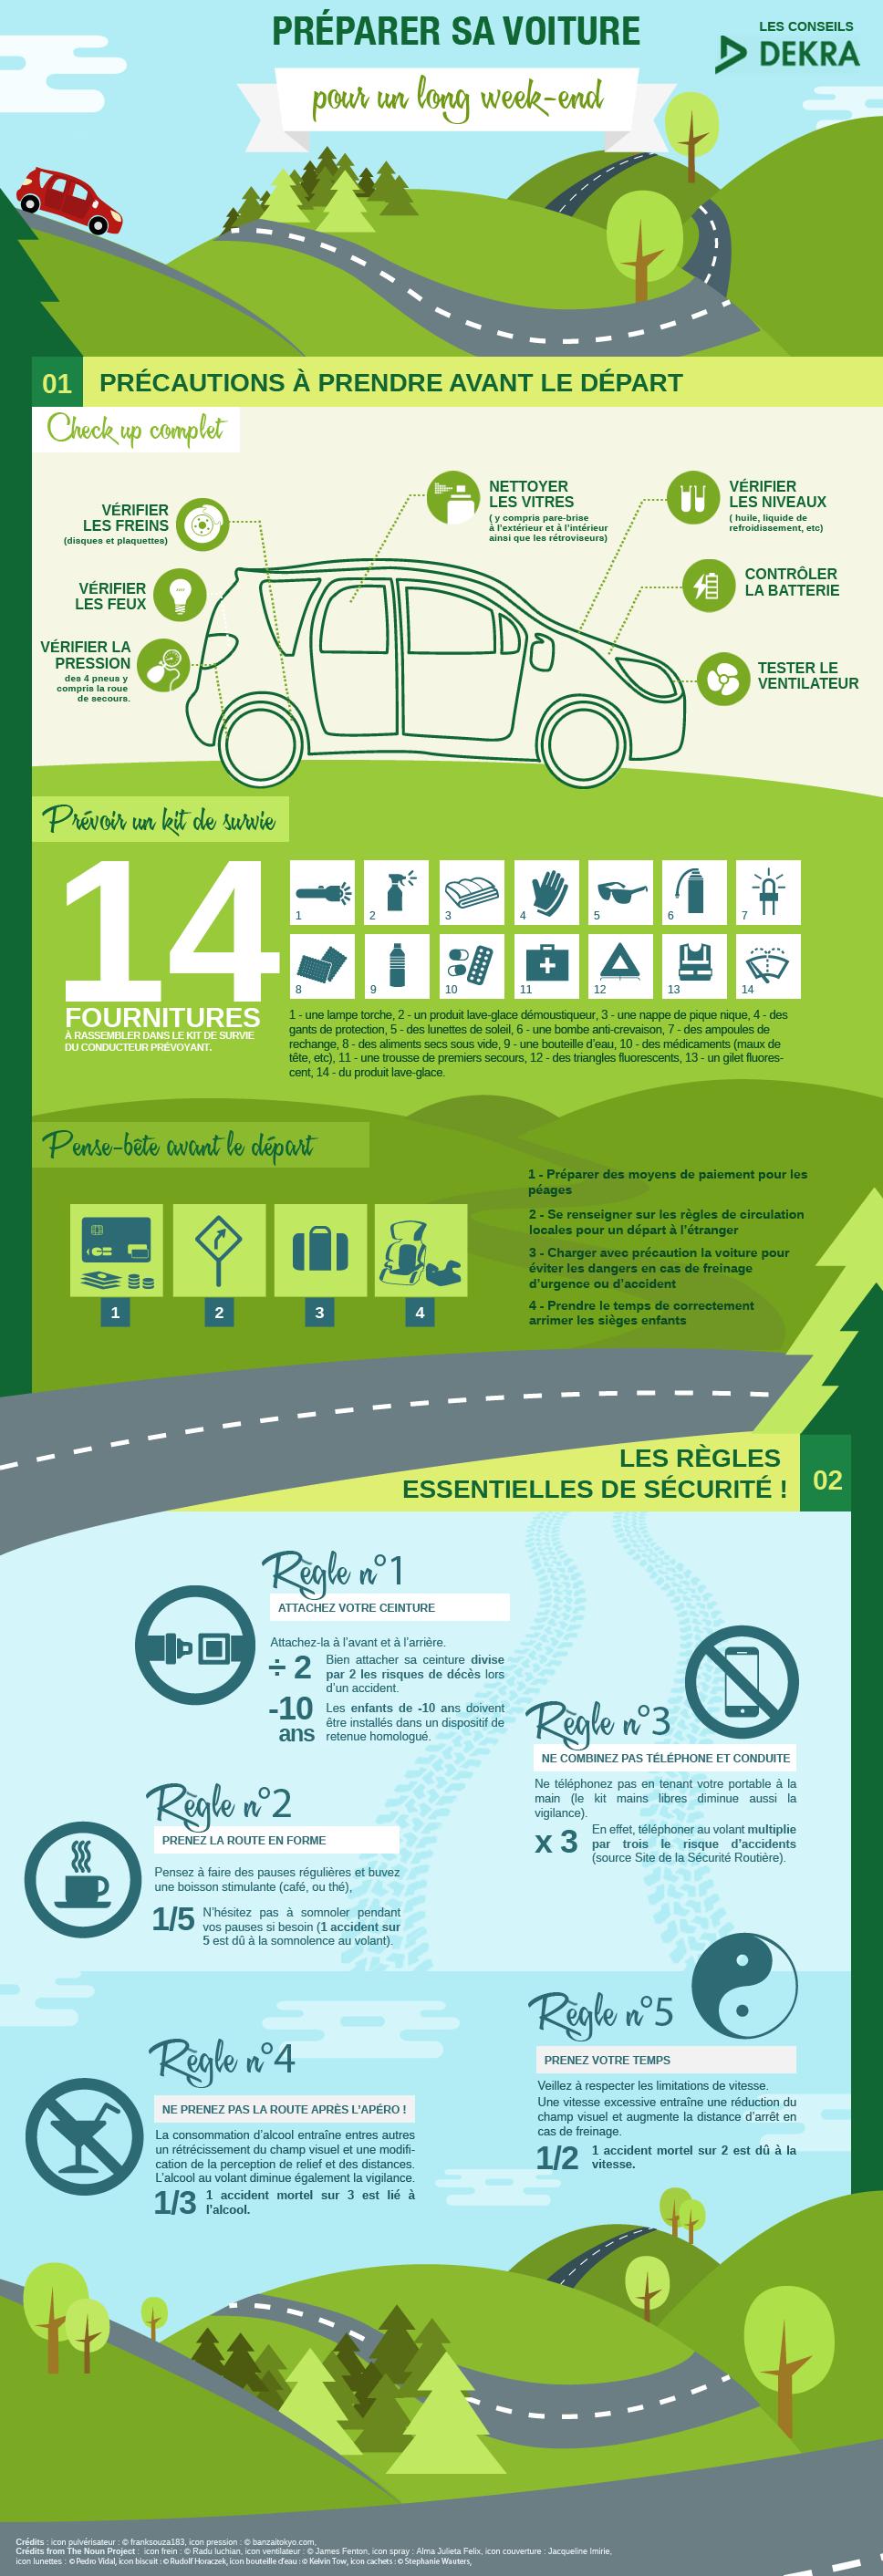 infographie-bien-preparer-sa-voiture-long-week-end Infographie : préparer sa voiture avant de faire une longue route !